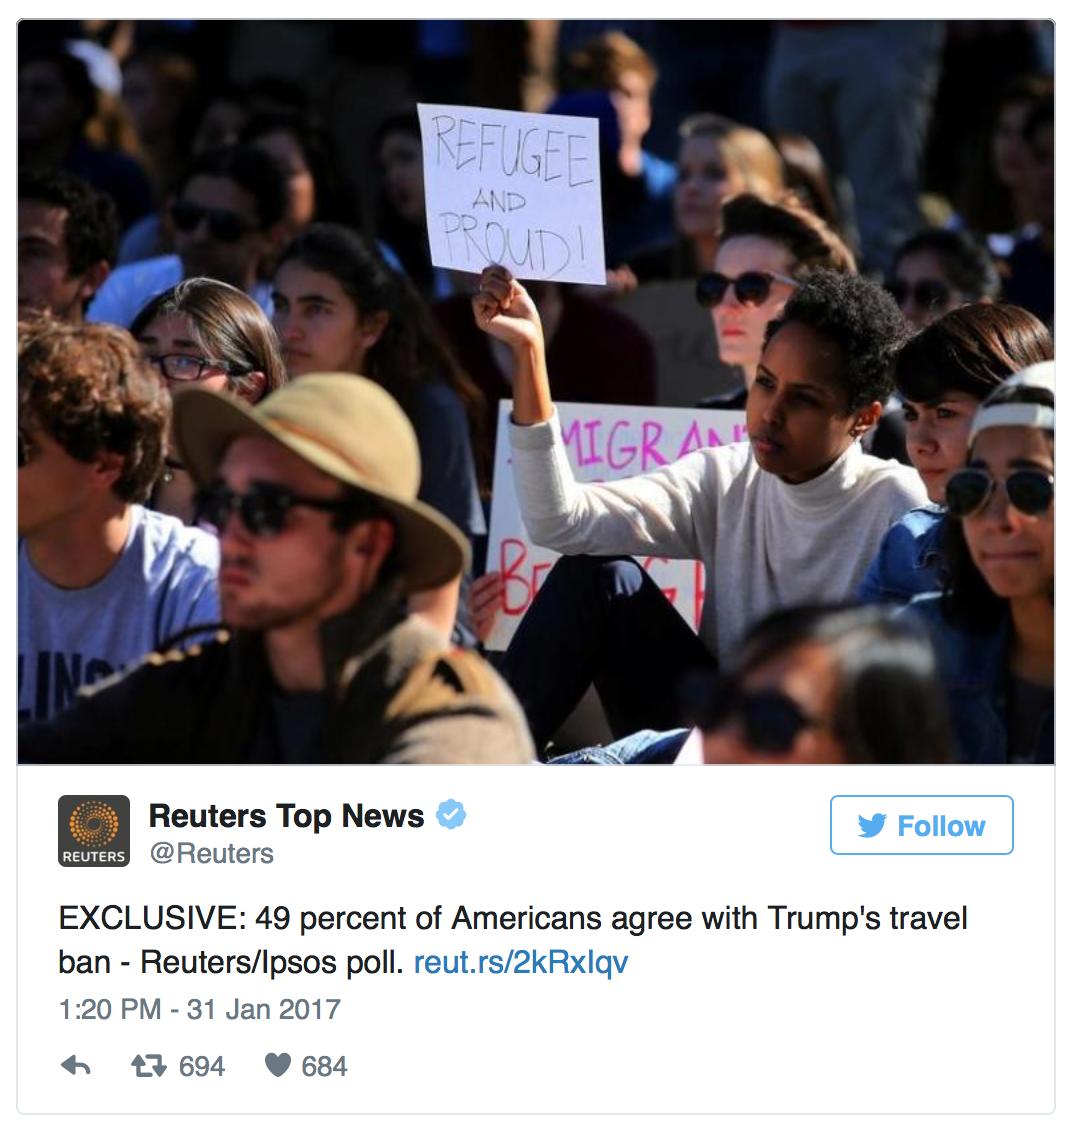 Reuters tweet